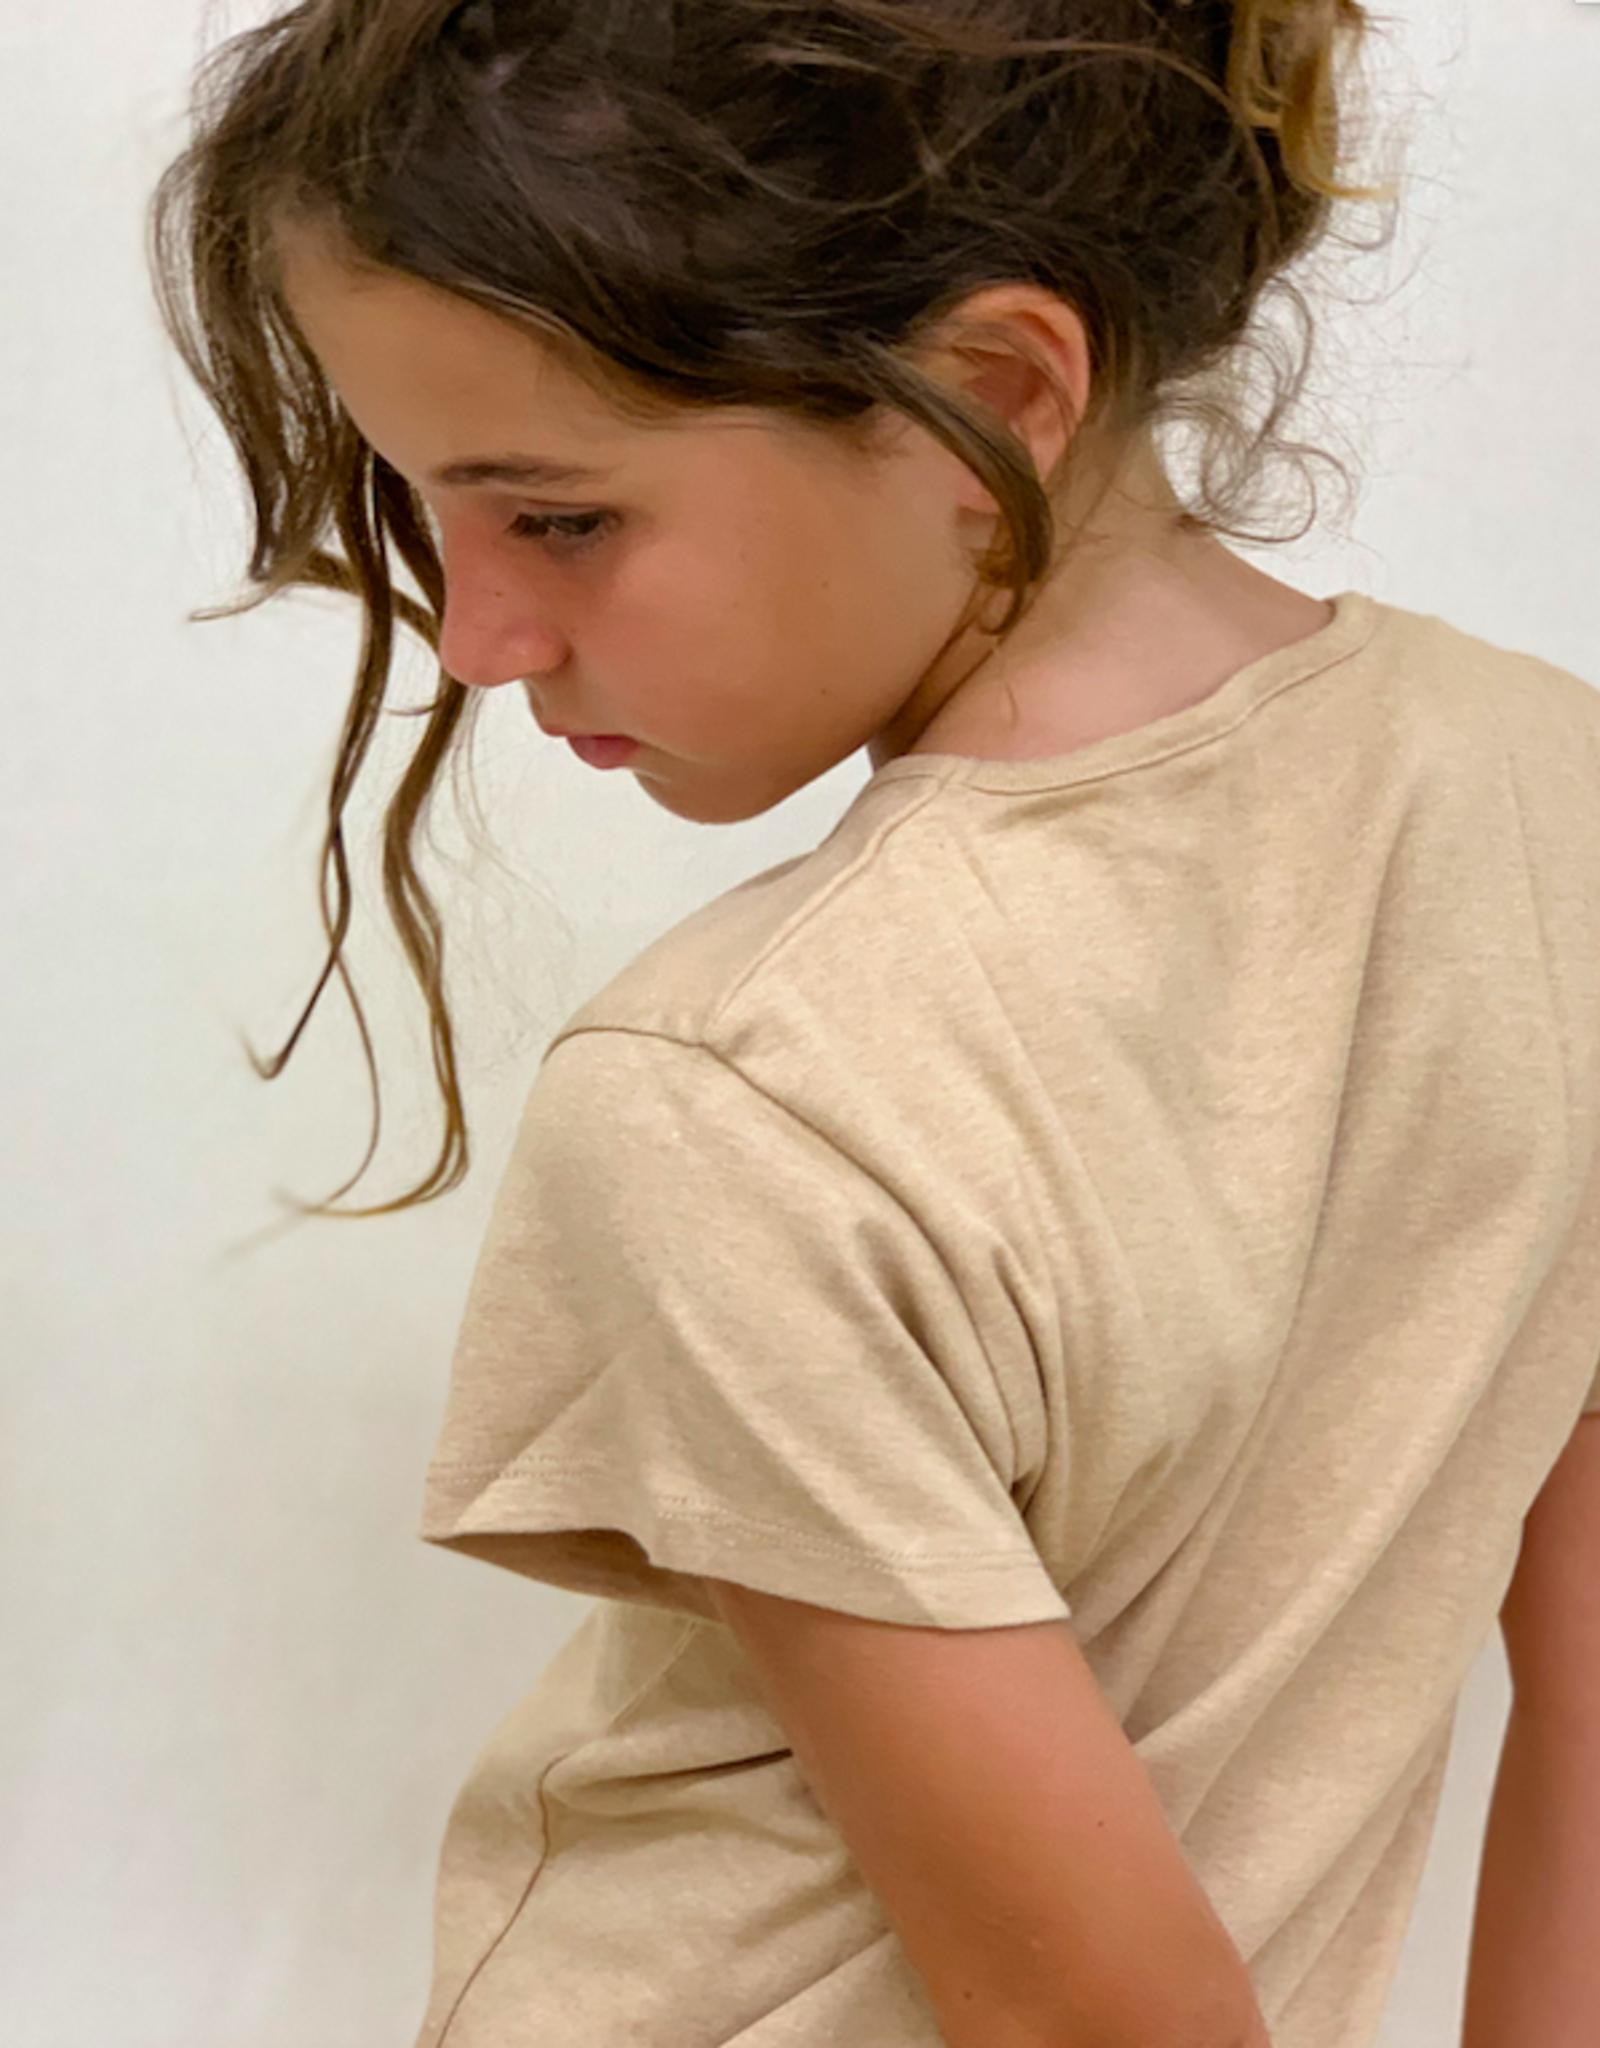 Camiseta junior con cuello redondo y manga corta. Tallas 8, 10, 12 años.